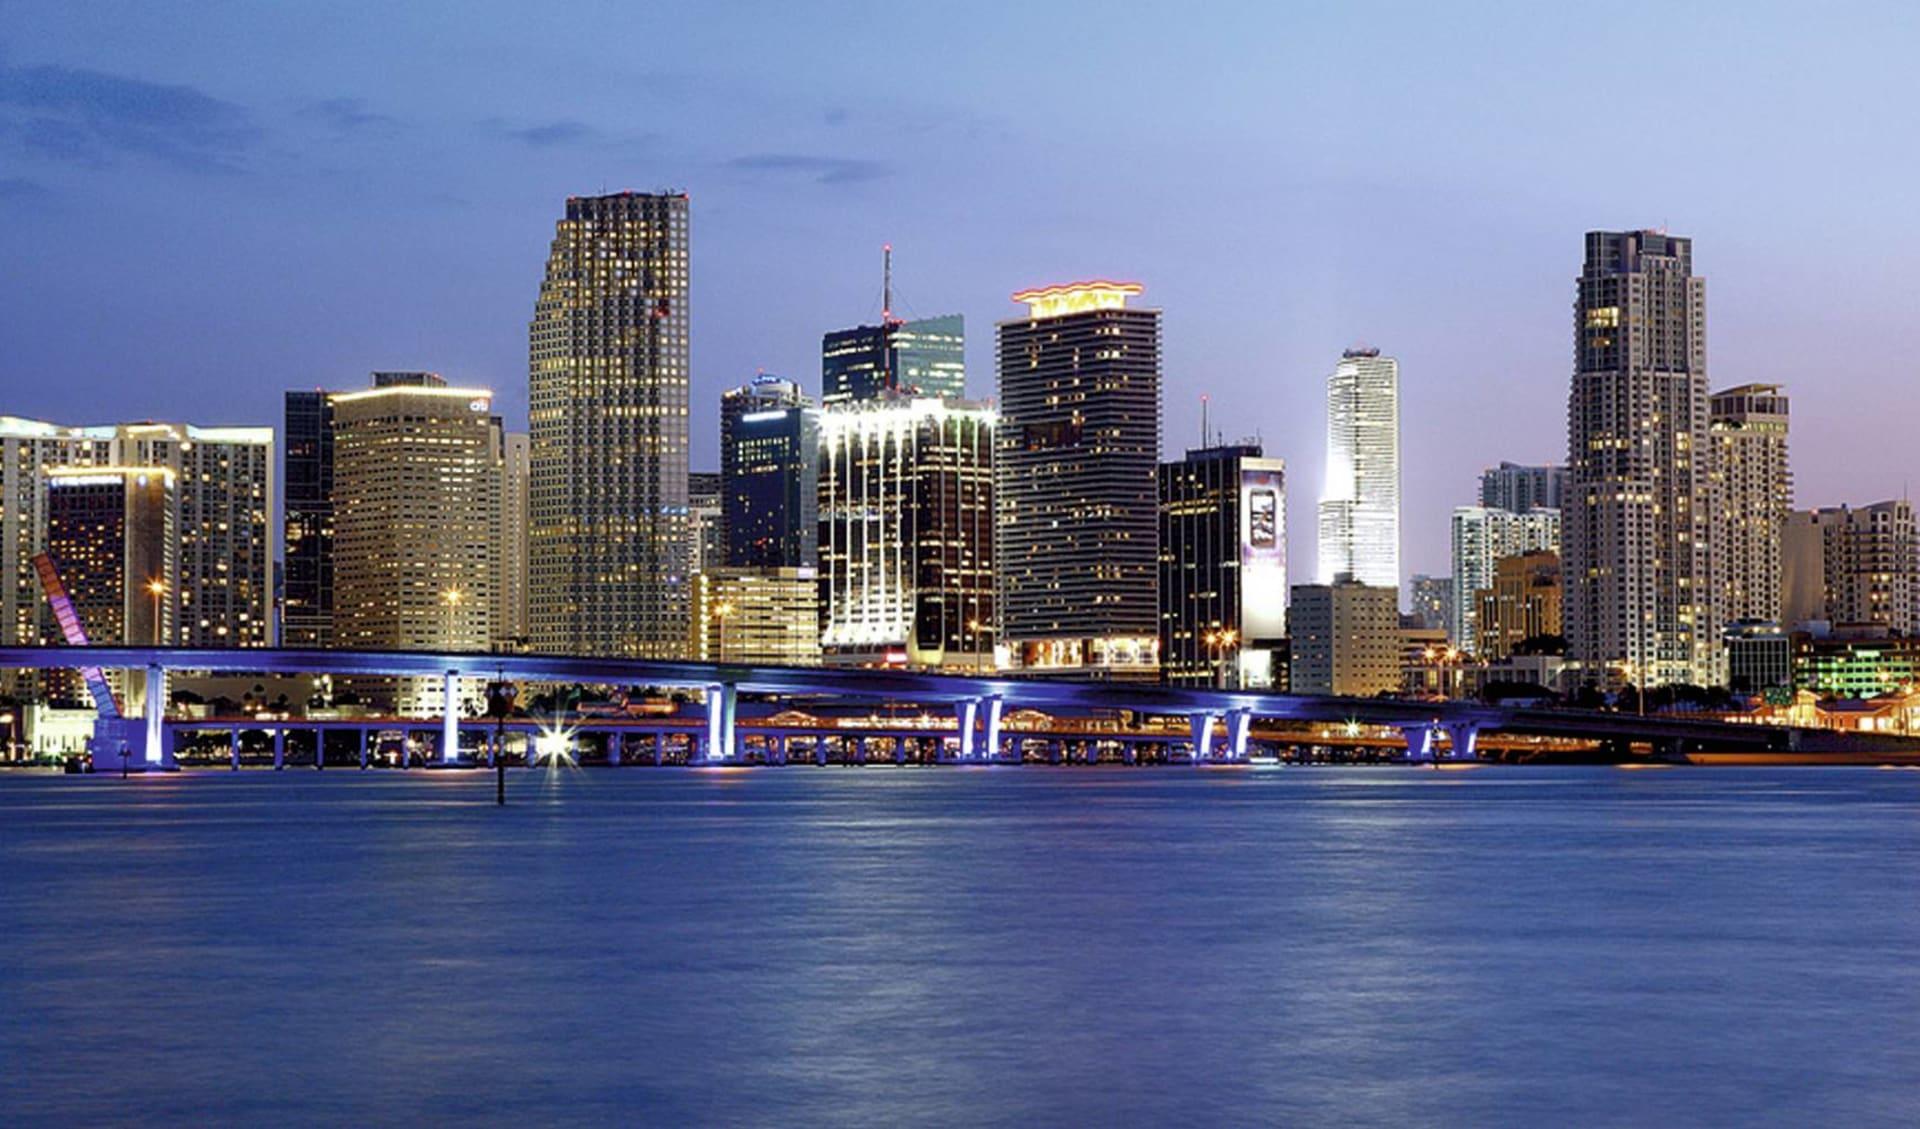 Florida Deluxe ab Miami: USA - Florida - Miami Downtown Skyline